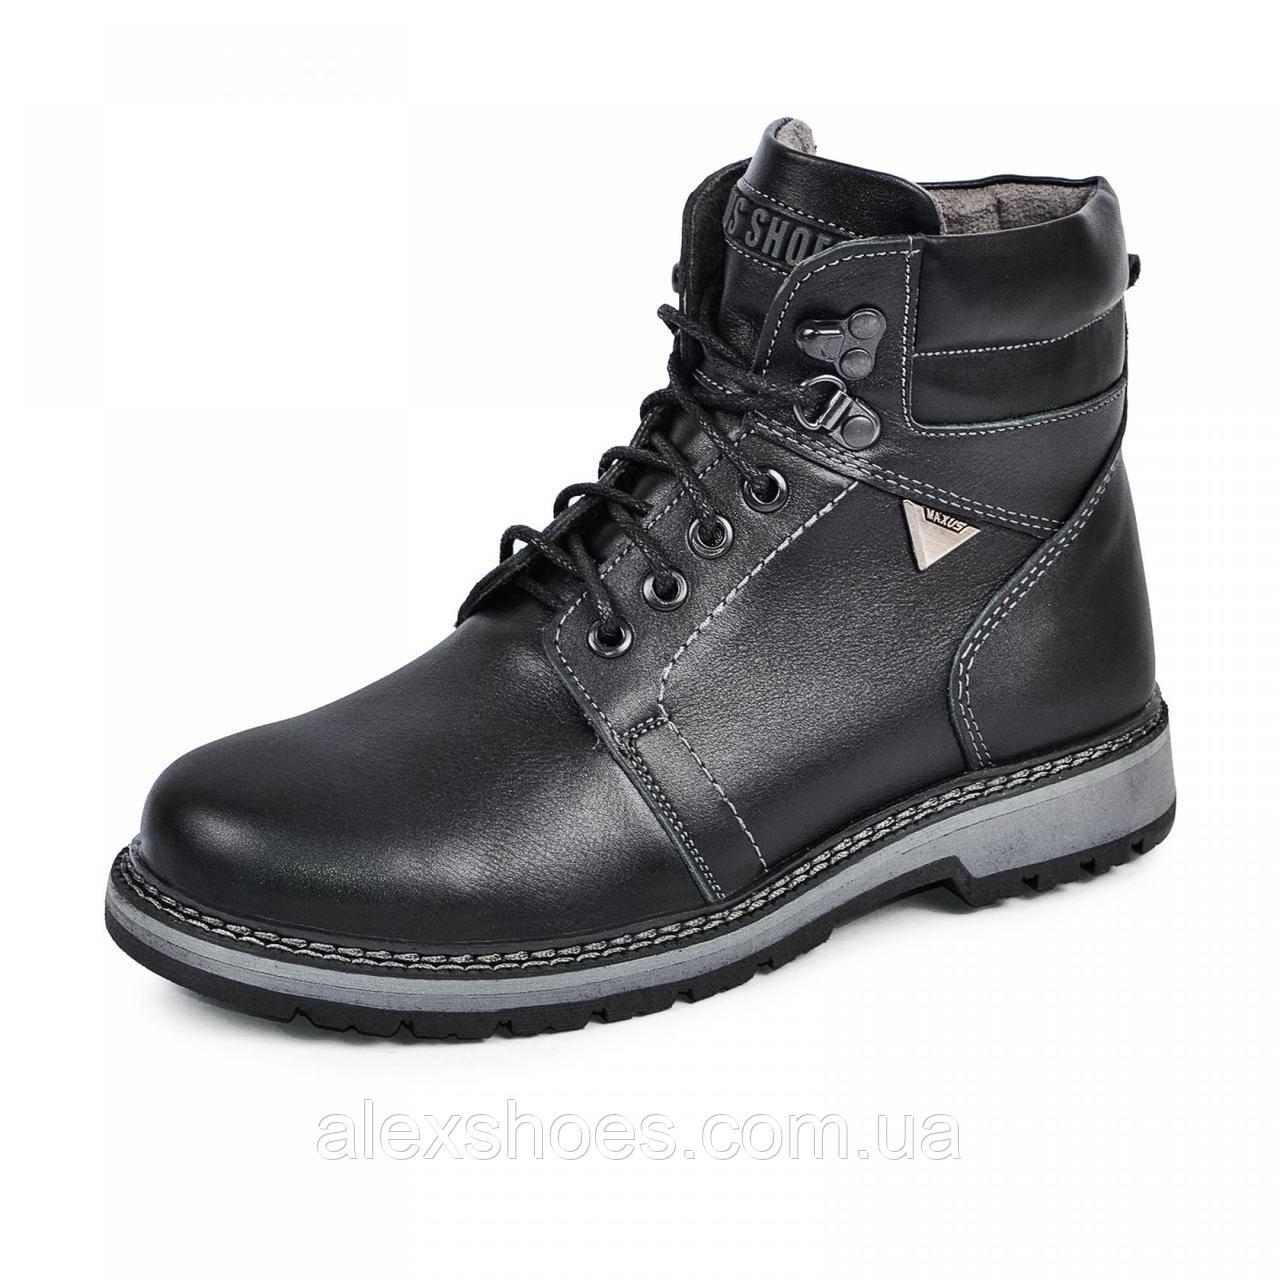 Ботинки подростковые из натуральной кожи от производителя модель МАК919